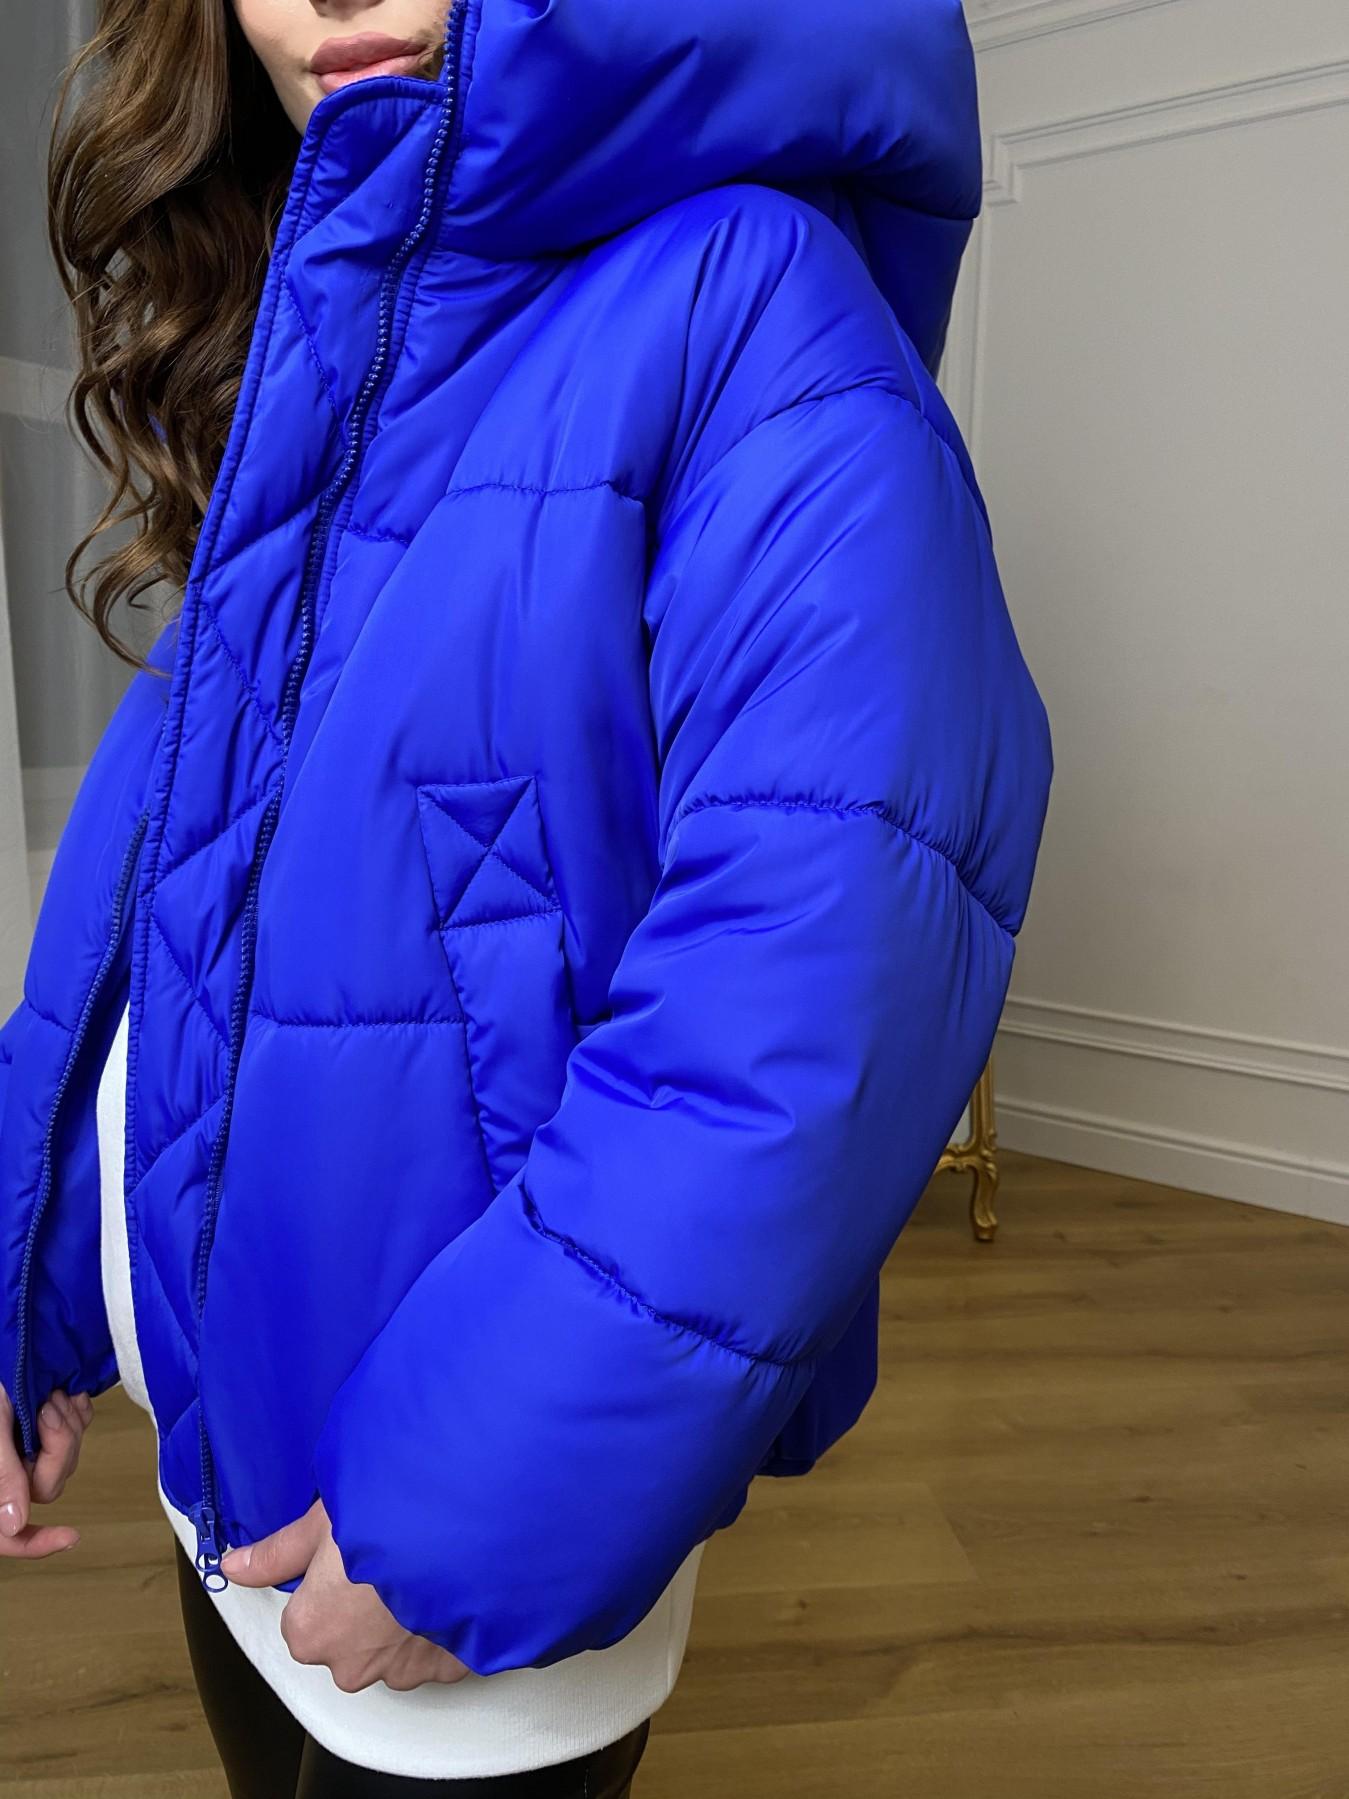 Нокс куртка из плащевой ткани 10535 АРТ. 46881 Цвет: Электрик 1052 - фото 14, интернет магазин tm-modus.ru